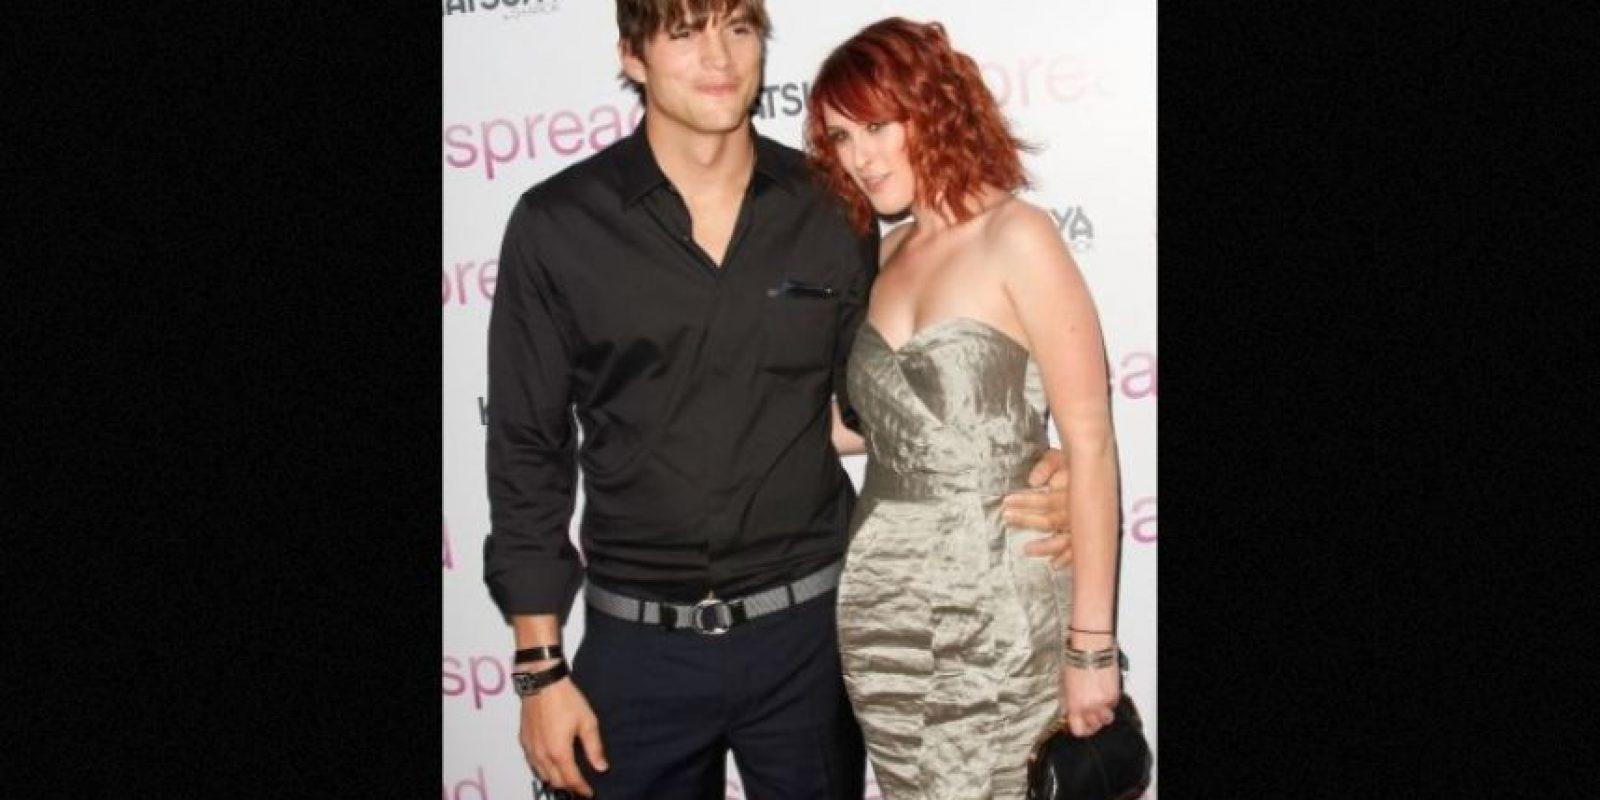 Rumer confesó que su amor platónico de la adolescencia fue Ashton Kutcher, quien se convirtió en su padrastro cuando ella tenía tan solo 17 años de edad. Foto:Getty Images